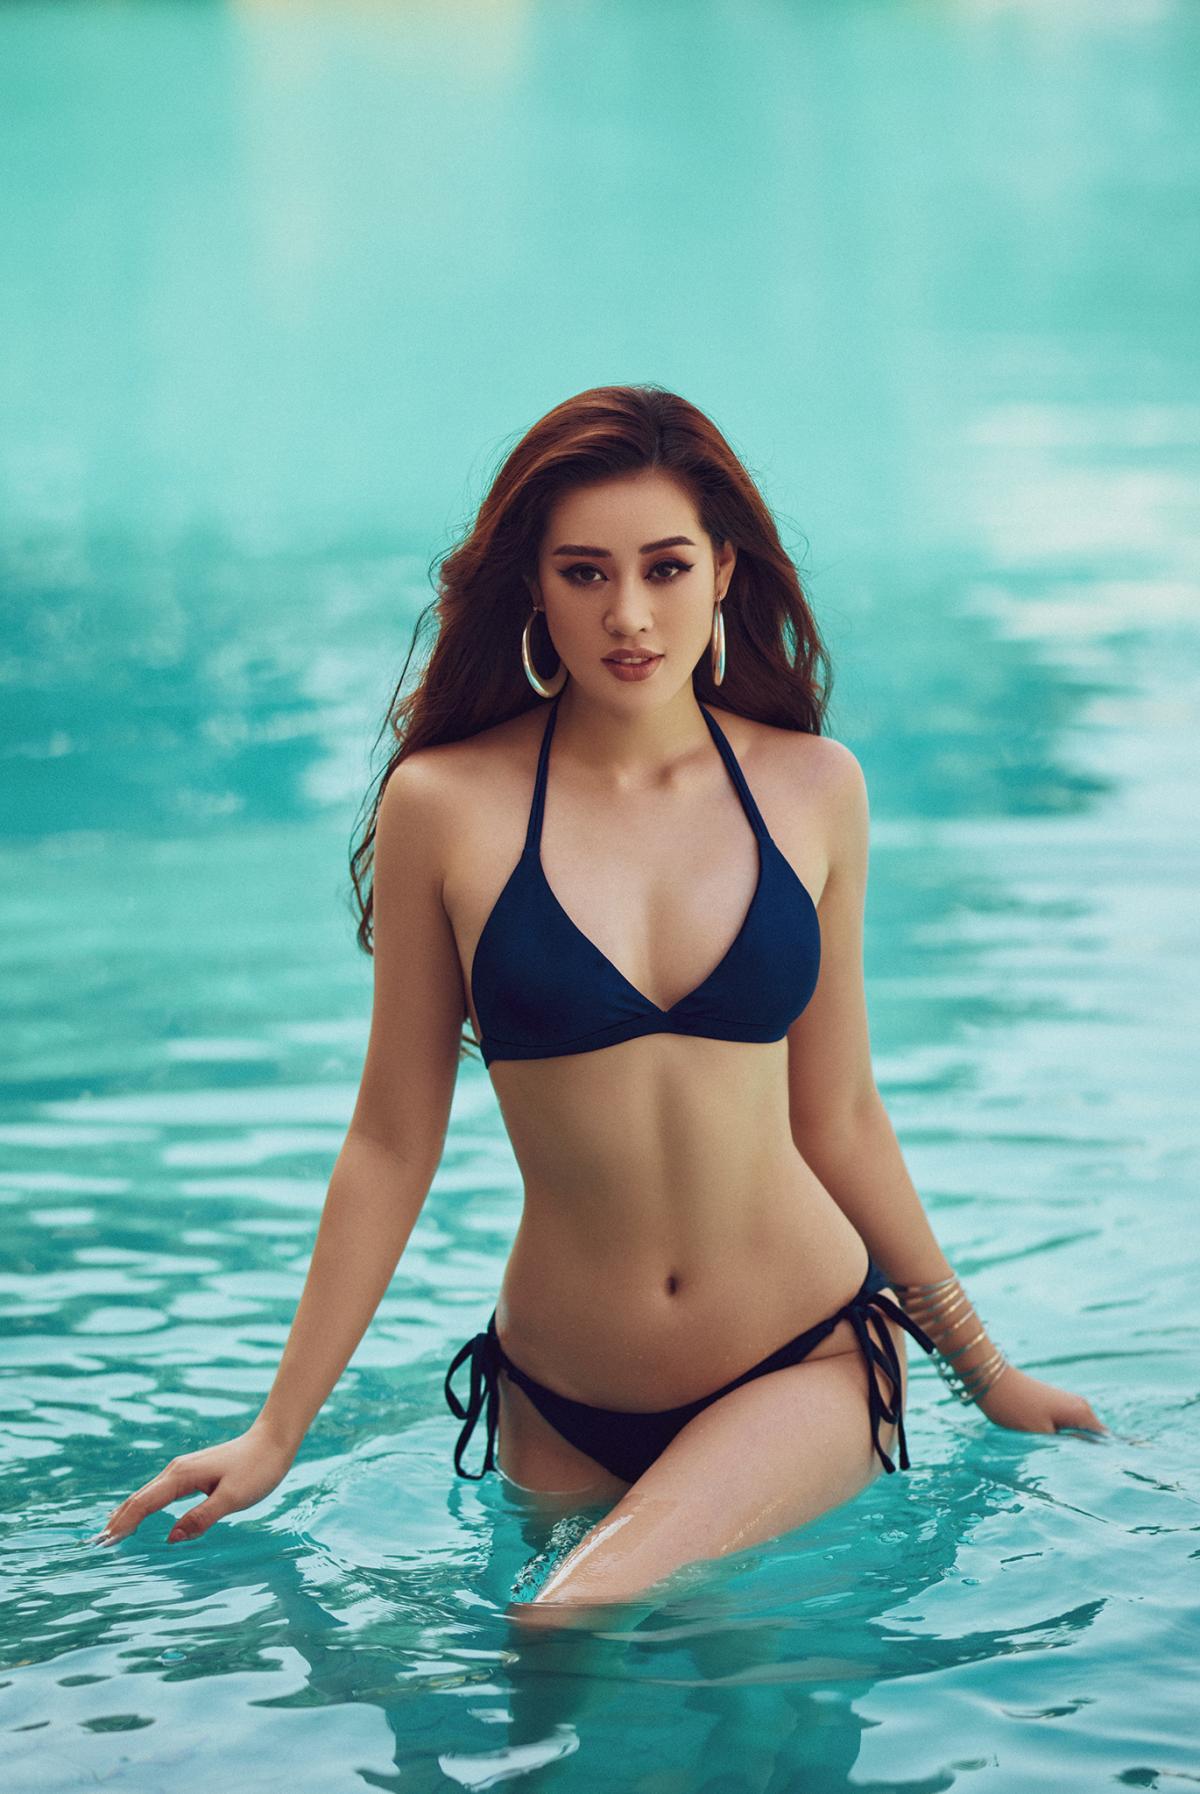 Mãn nhãn bộ ảnh bikini nóng bỏng của Hoa hậu Khánh Vân tại hồ bơi - Ảnh 9.